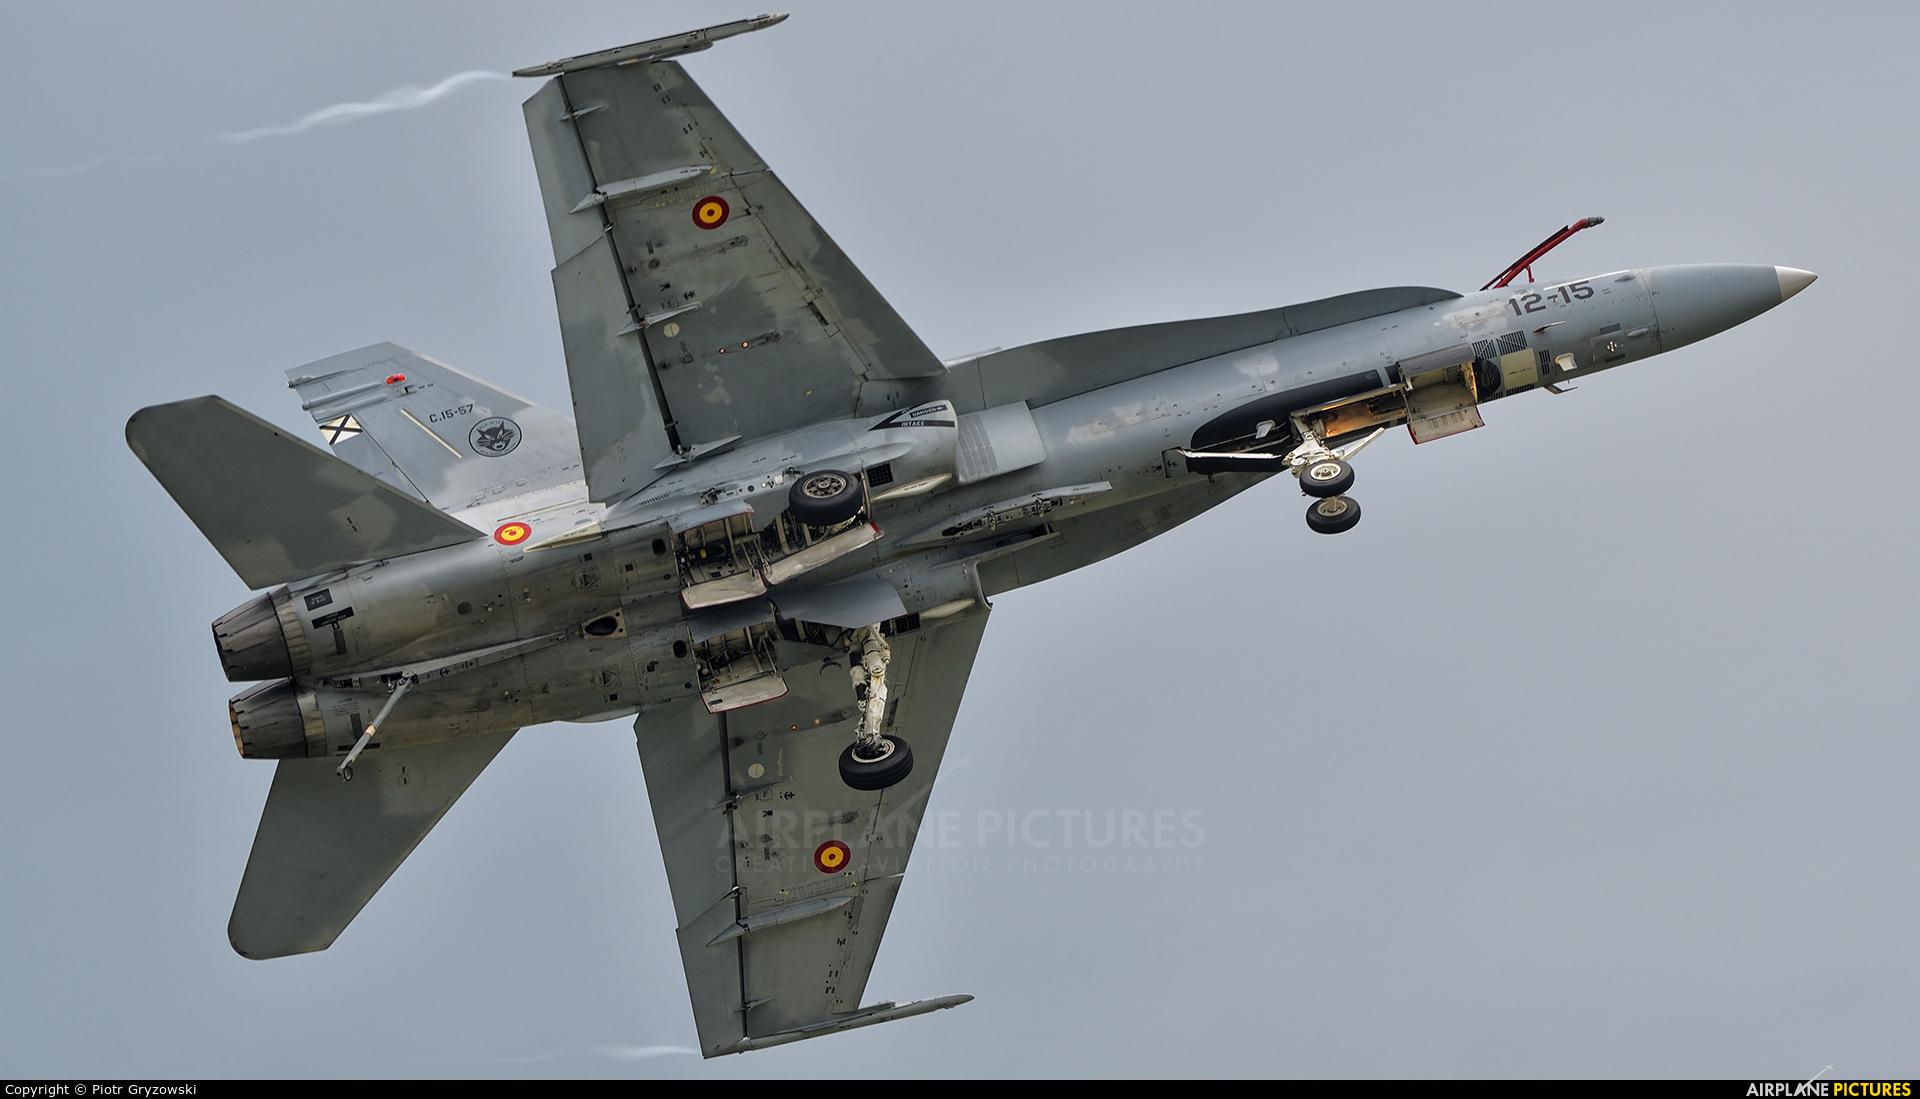 Spain - Air Force C.15-57 aircraft at Sliač